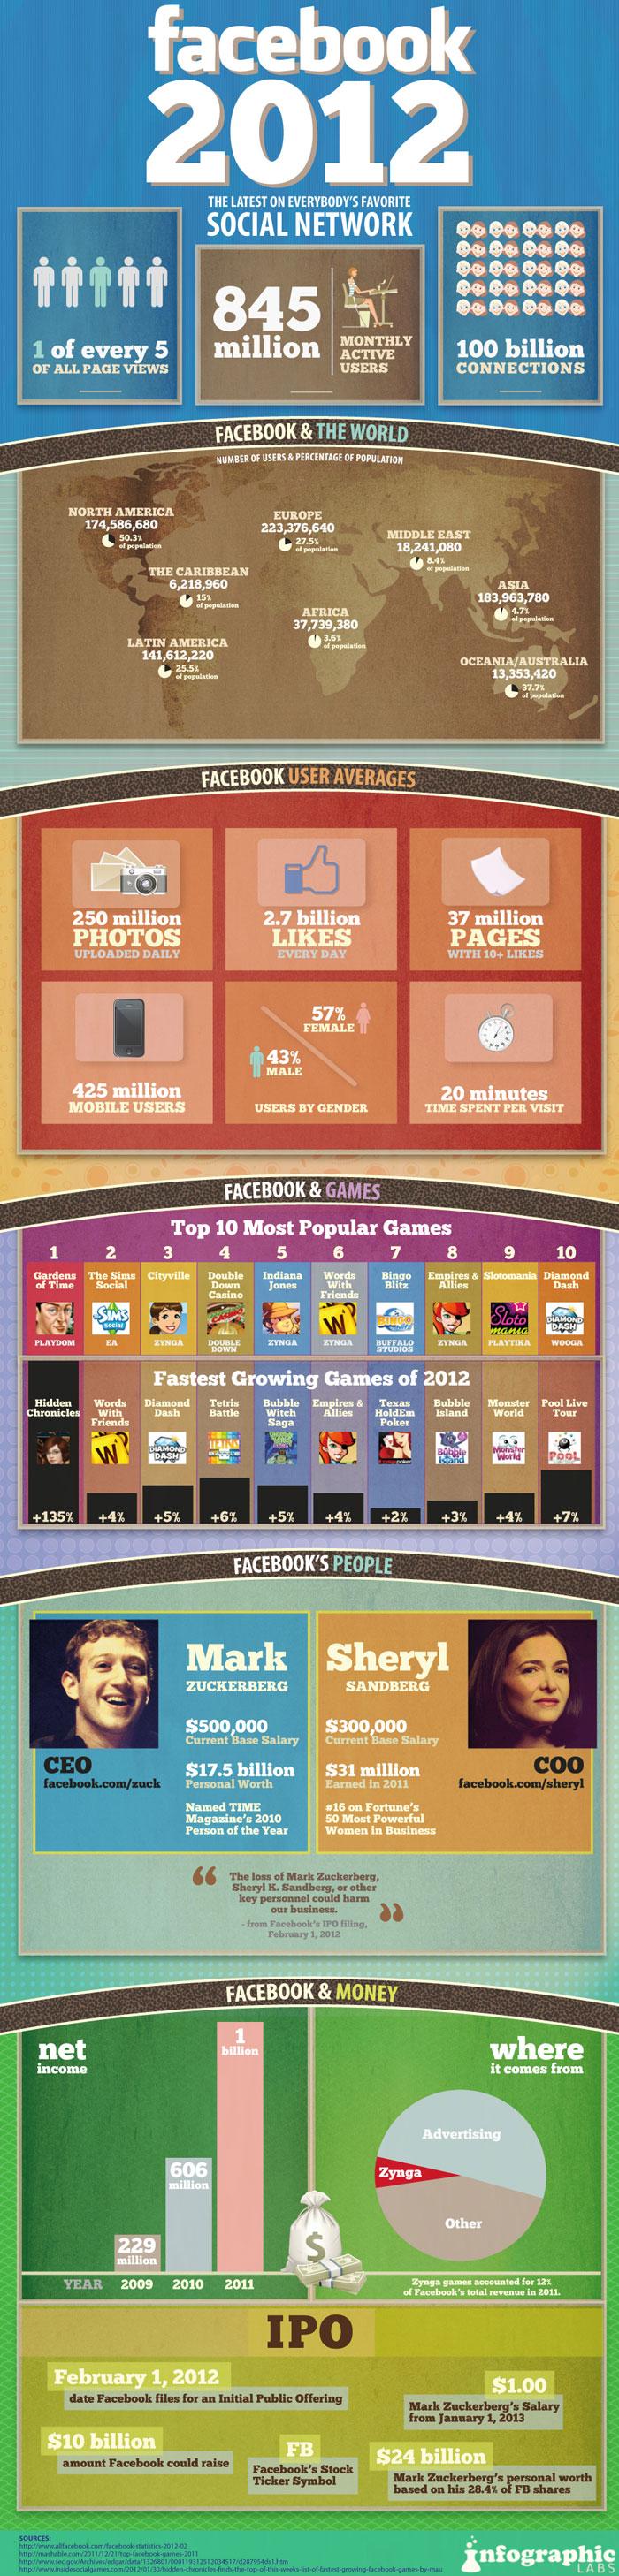 Facebook User Statistics 2012 Infographic